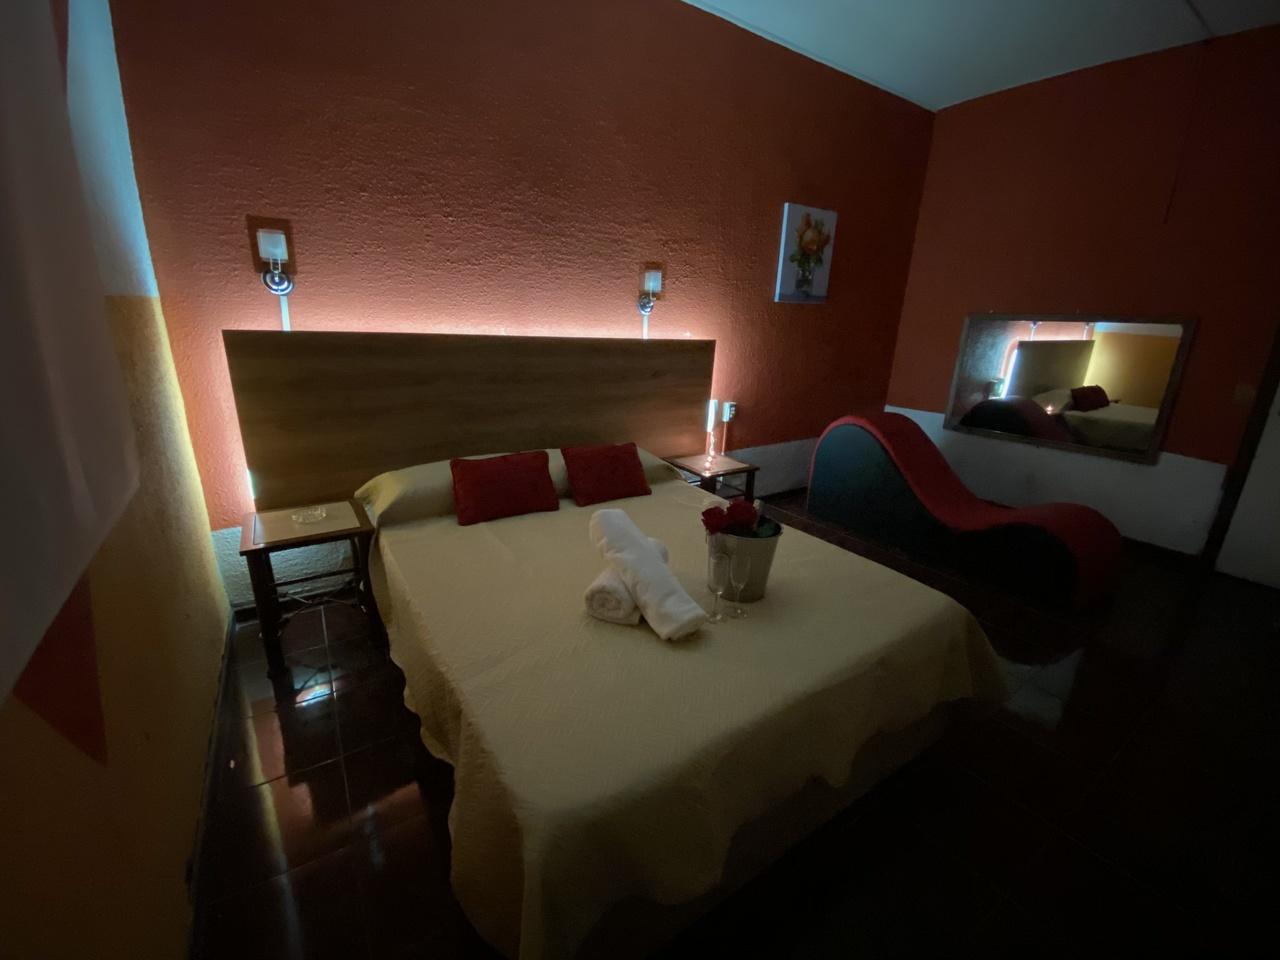 Habitación Tantra en Intimo Hotel Santo Domingo : MotelNow